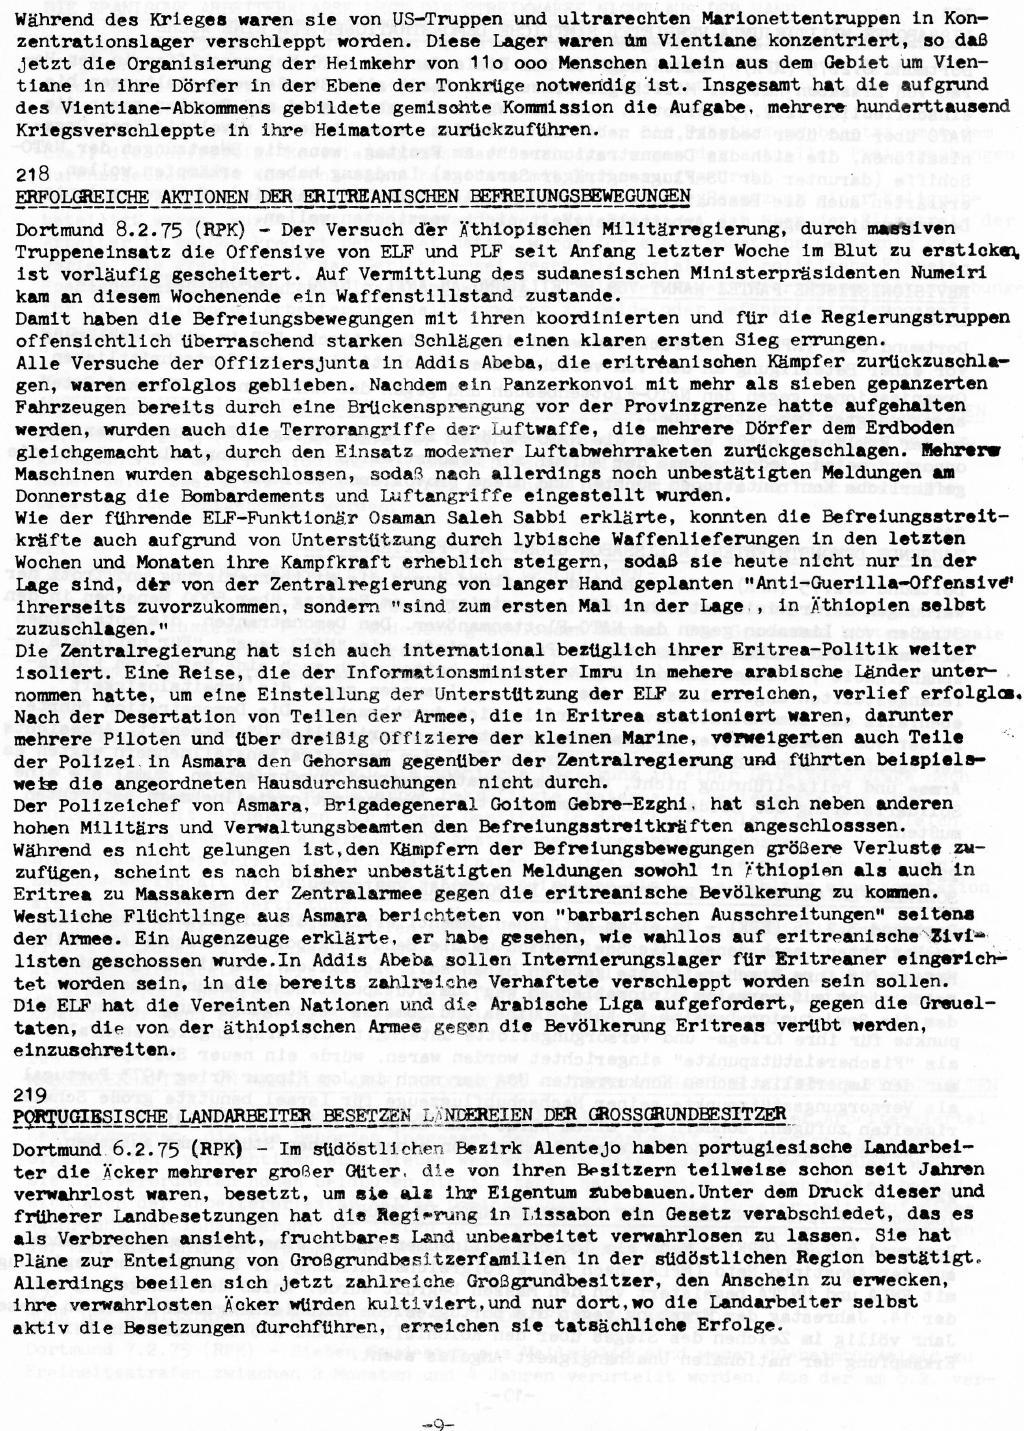 RPK_Pressedienst_1975_12_09